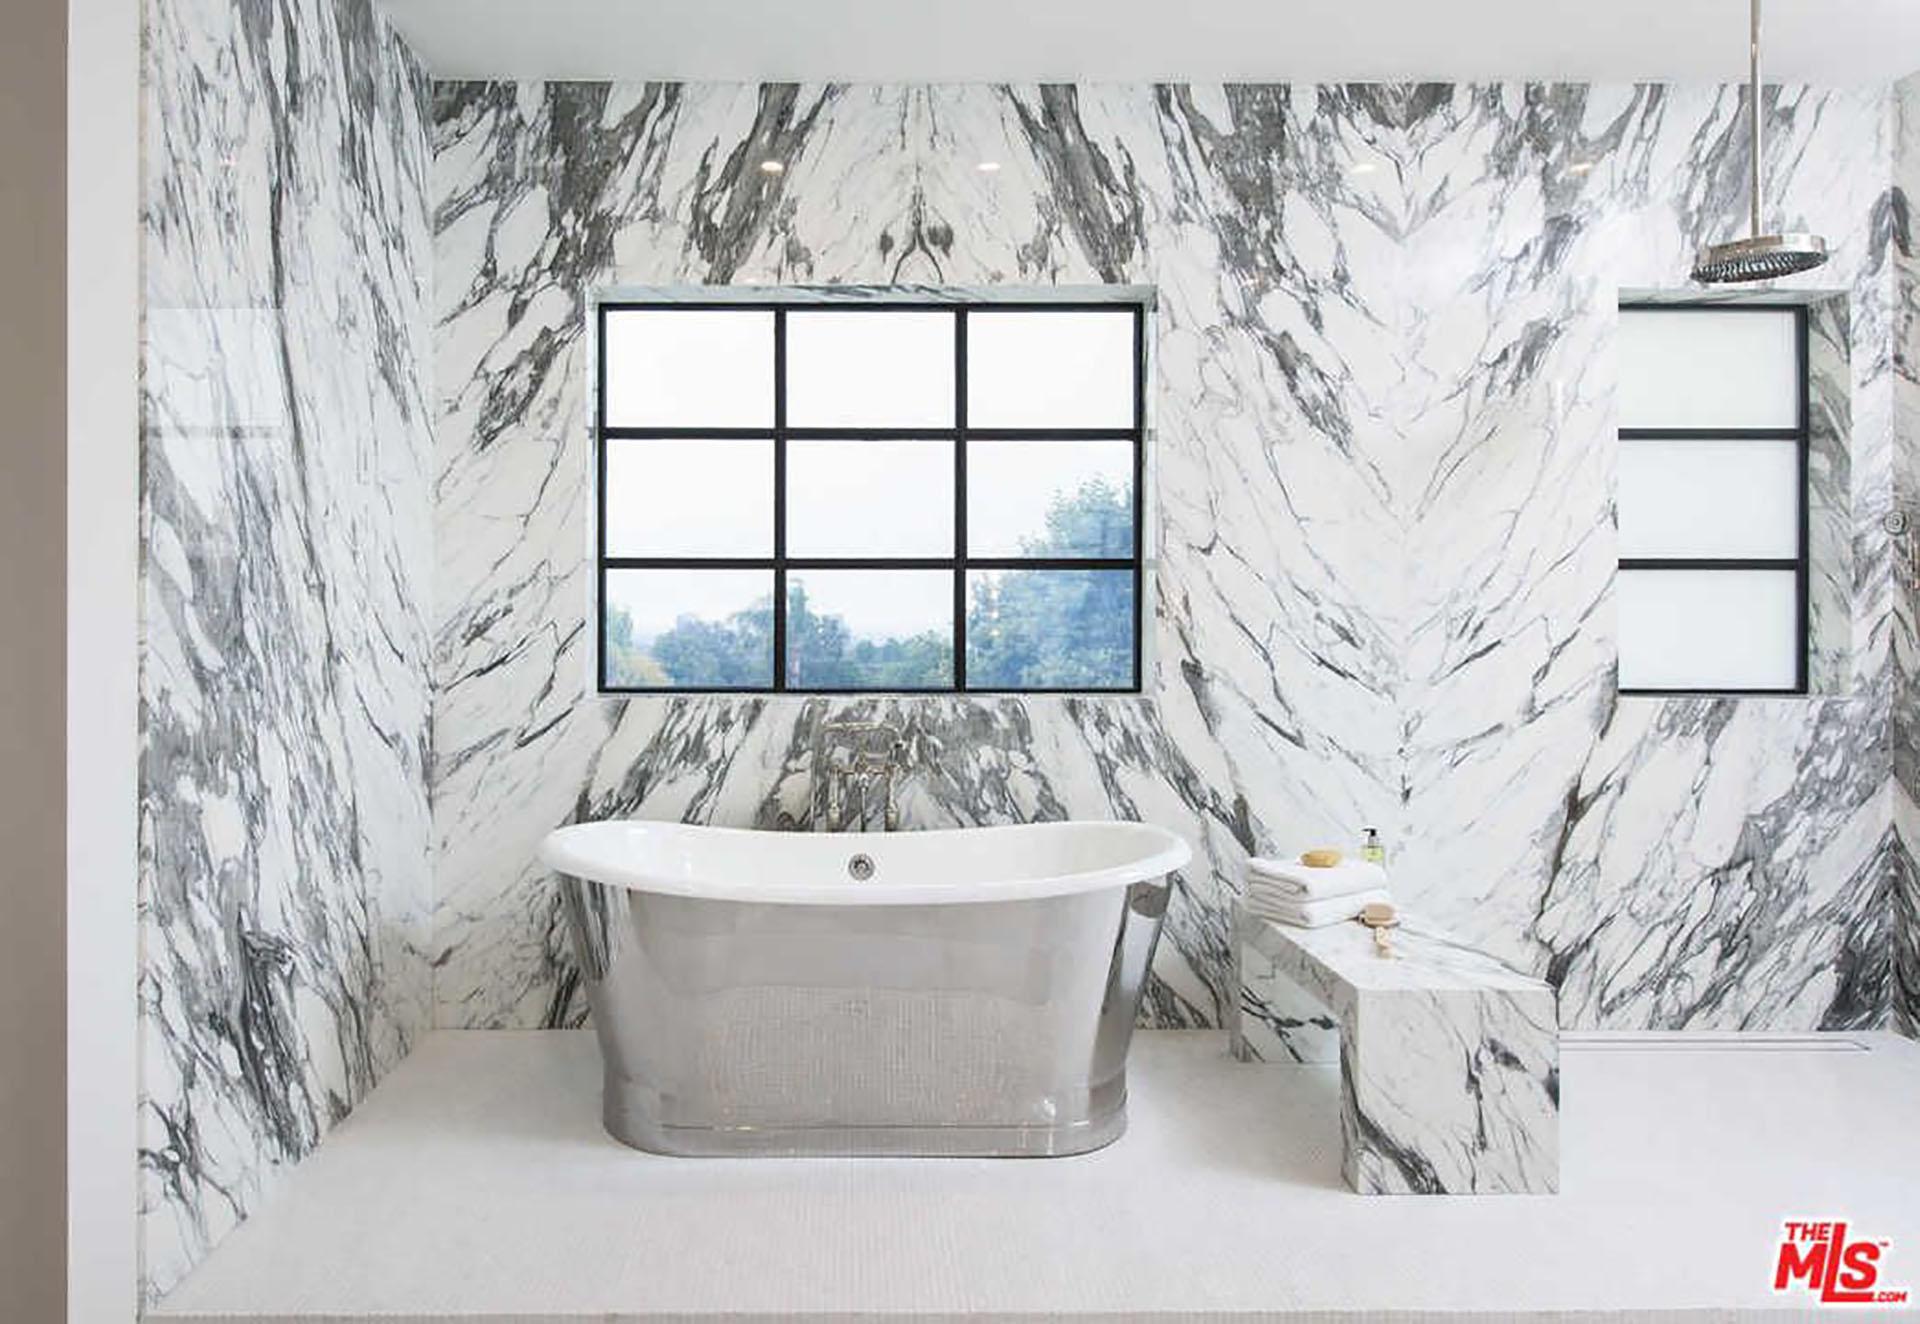 (MLS)Gracias a las fotos que compartió Trulia y MLS, se puede ver que cuenta con baños y cocinas construidas íntegramente de mármol